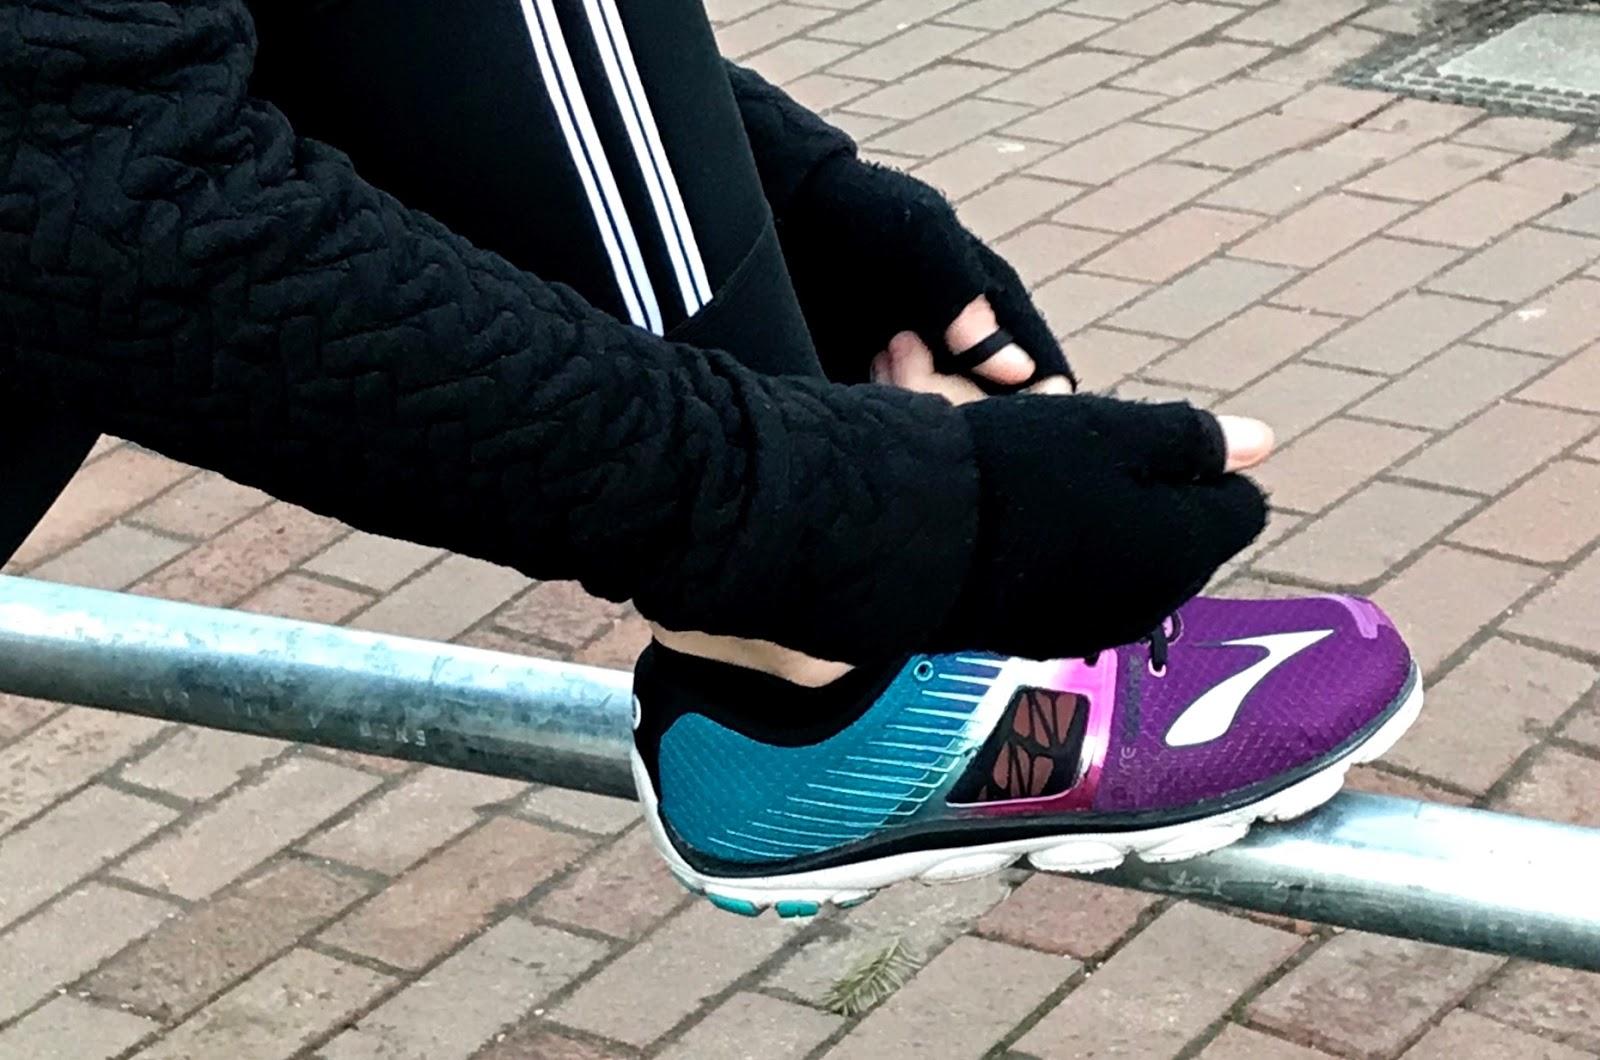 tying sneakers